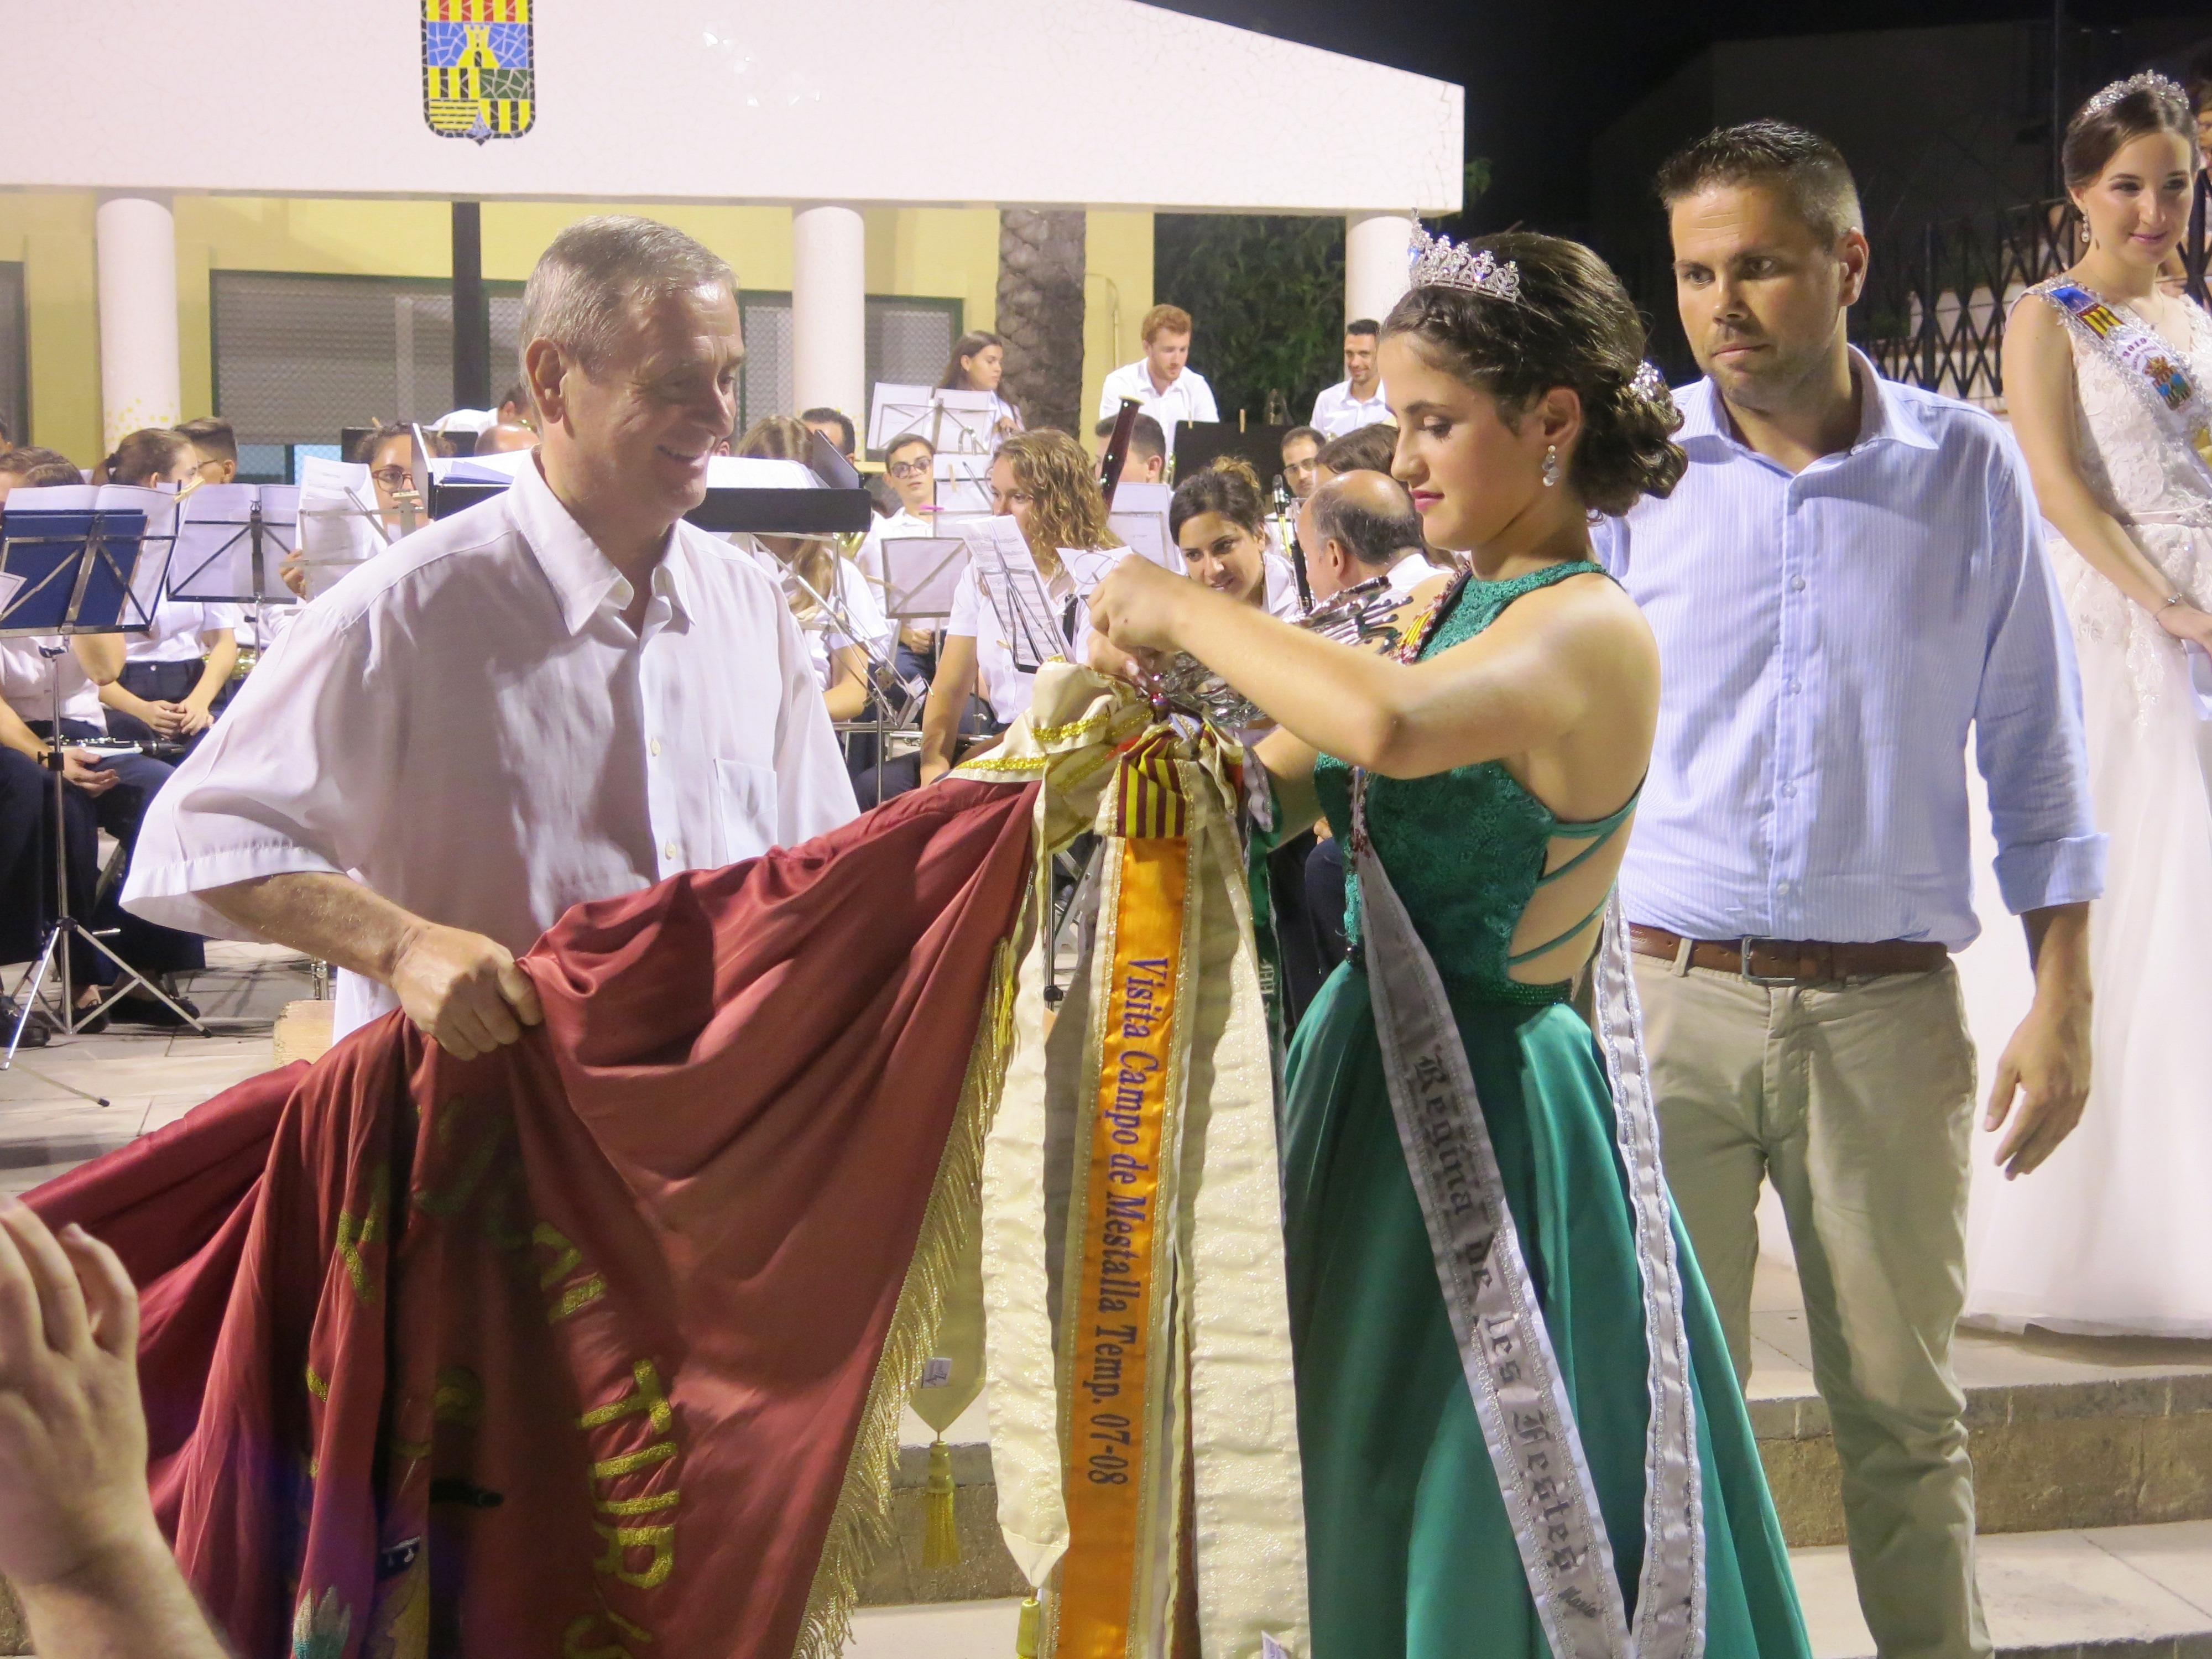 La Reina de las Fiestas, María Sánchez, tuvo la ocasión de imponer un corbatín al estandarte de la banda como recuerdo de su reinado.